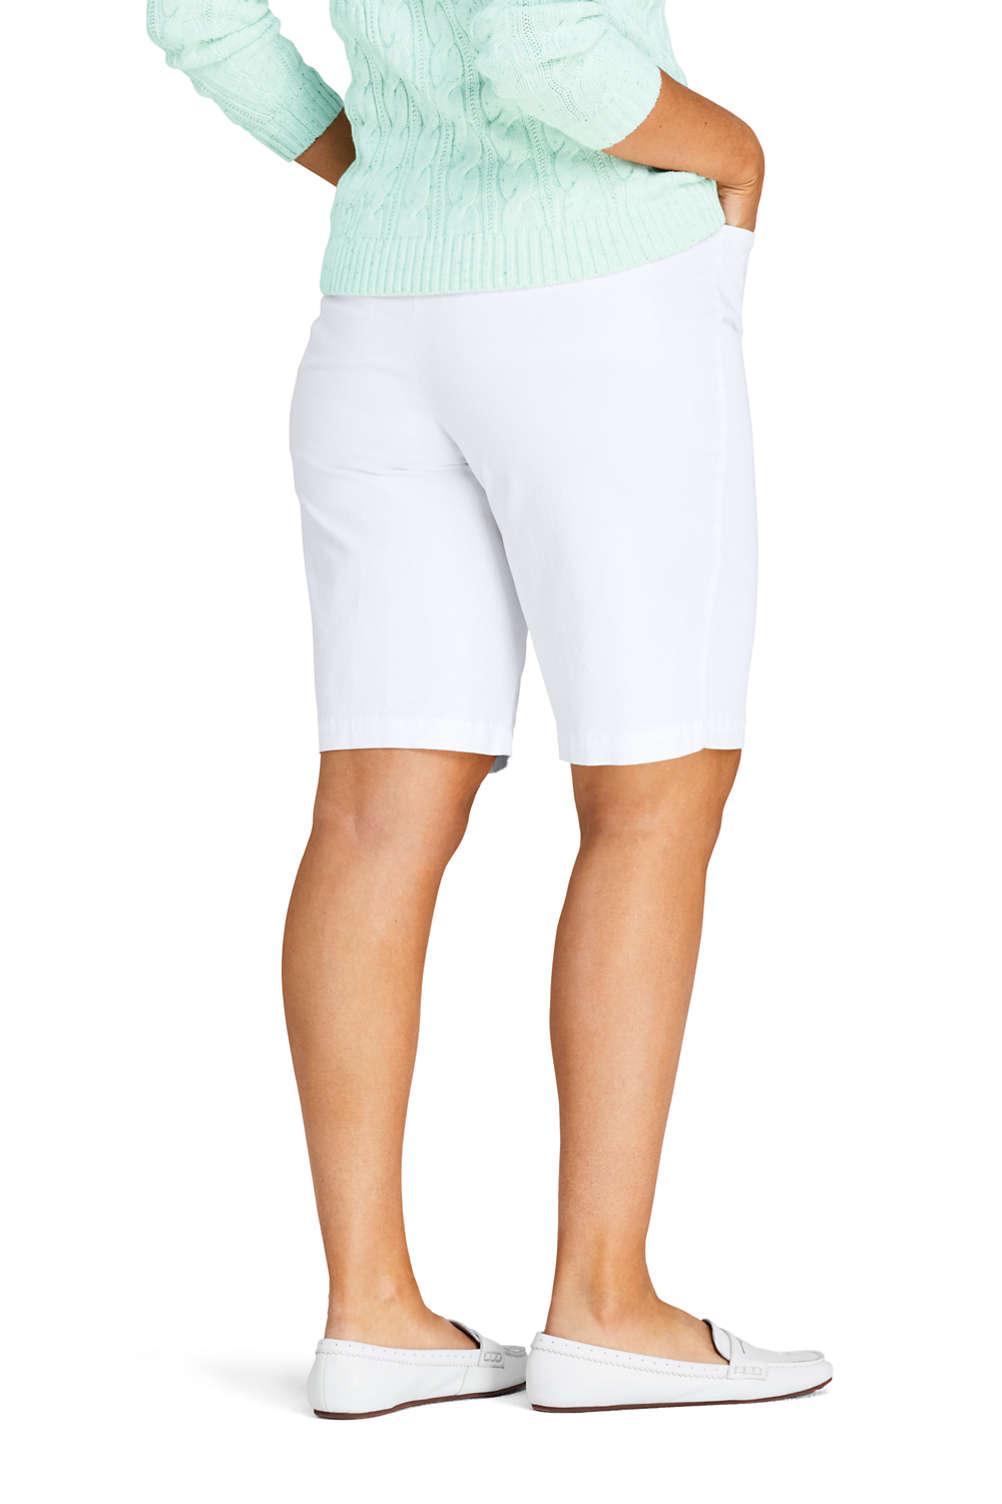 899e7a6906a Women s Plus Size Chino 12